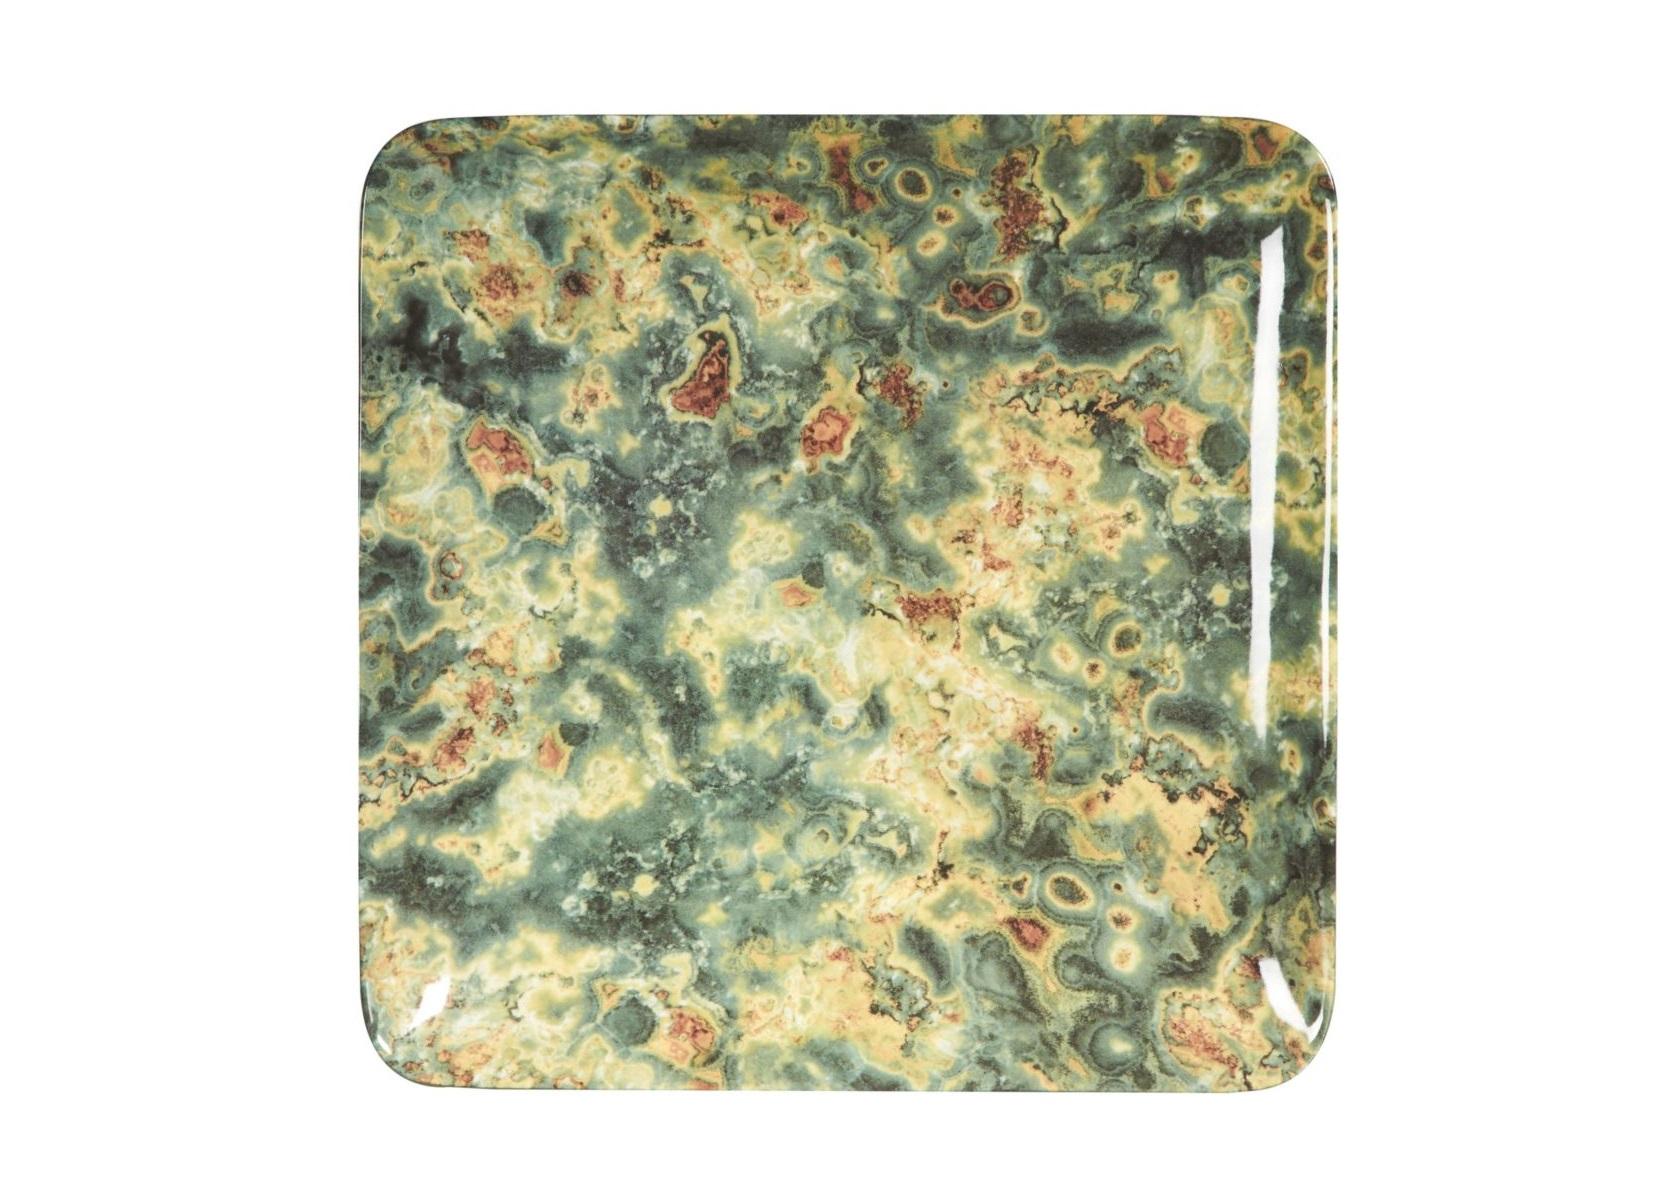 Поднос LeafДекоративные подносы<br><br><br>Material: Керамика<br>Ширина см: 34<br>Высота см: 3<br>Глубина см: 34